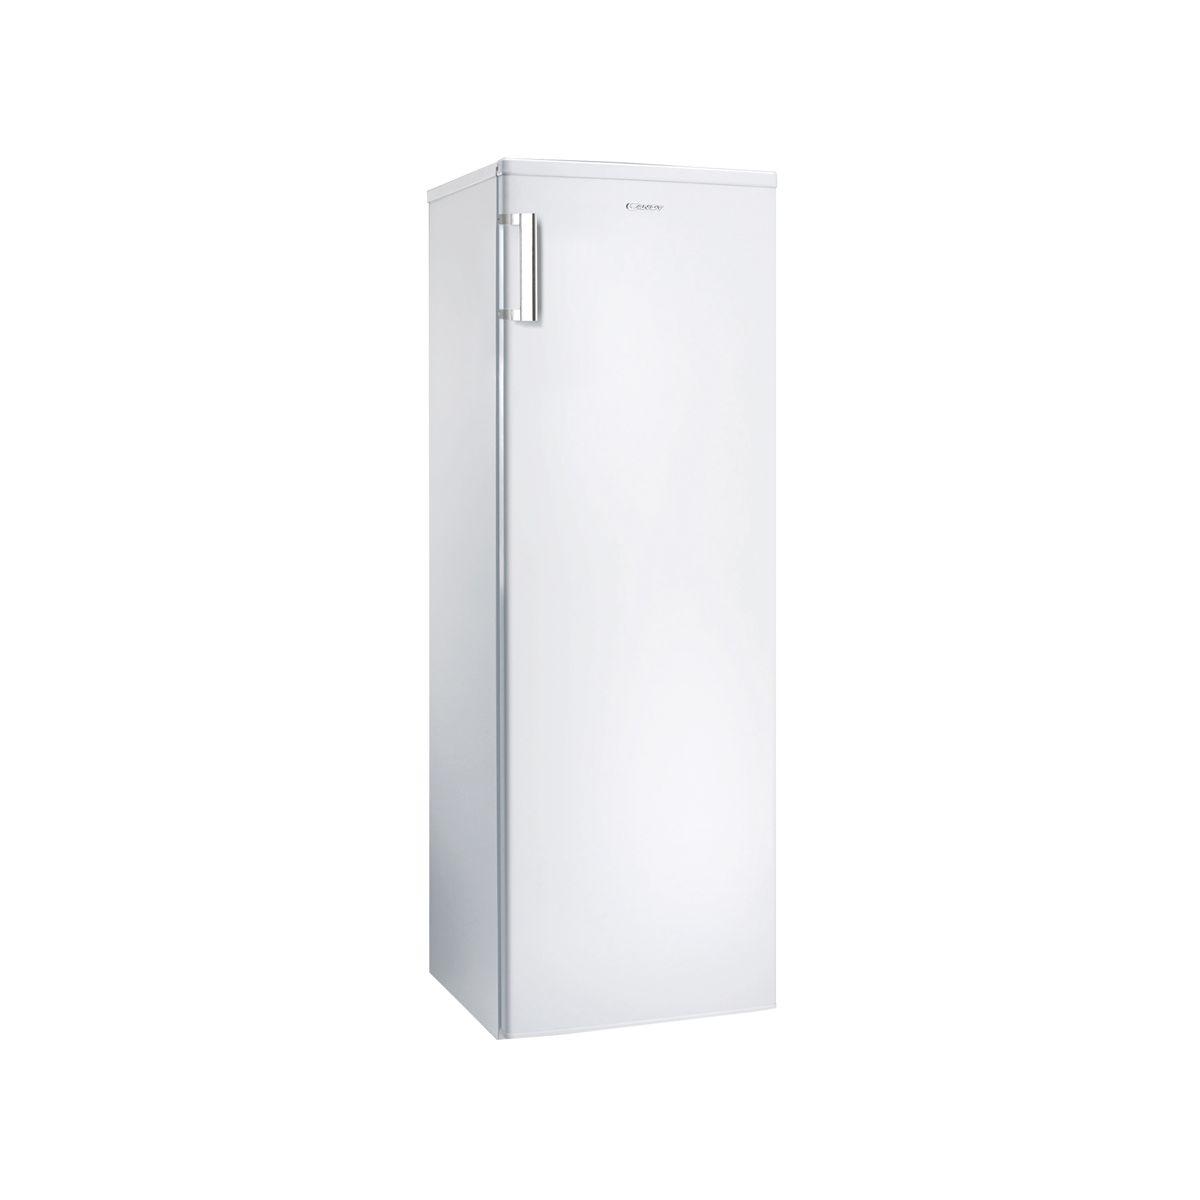 Réfrigérateur 1 porte CANDY CCOLS5162WH